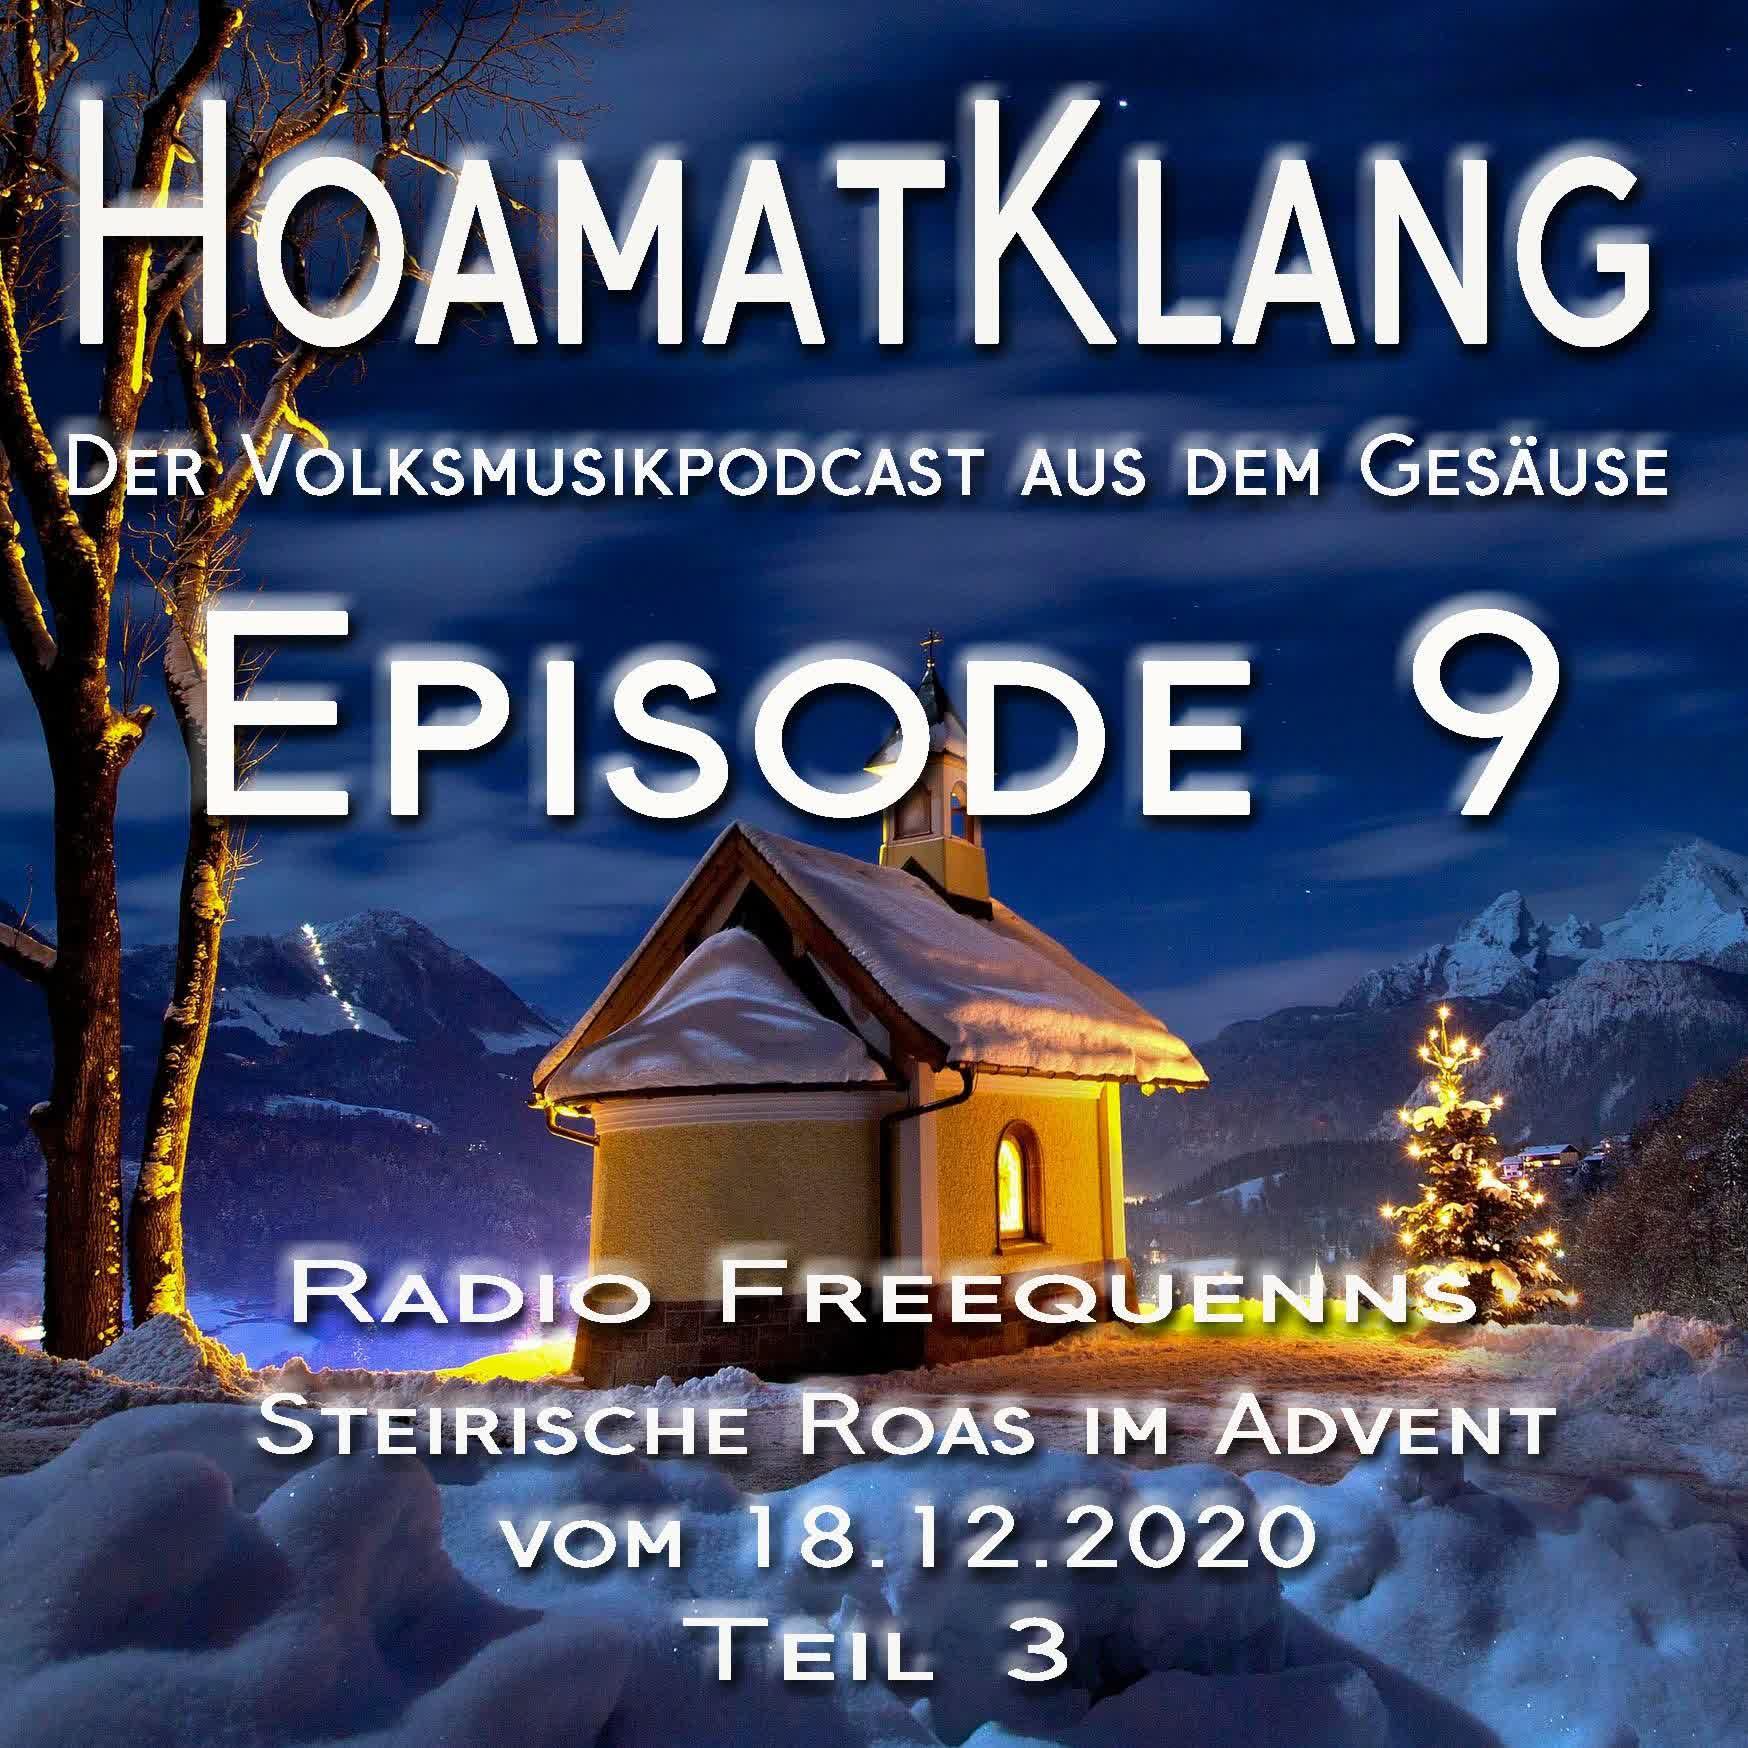 Hoamatklang_Episode_9_Steirische Roas im Advent vom 18.12.2020 Teil 3